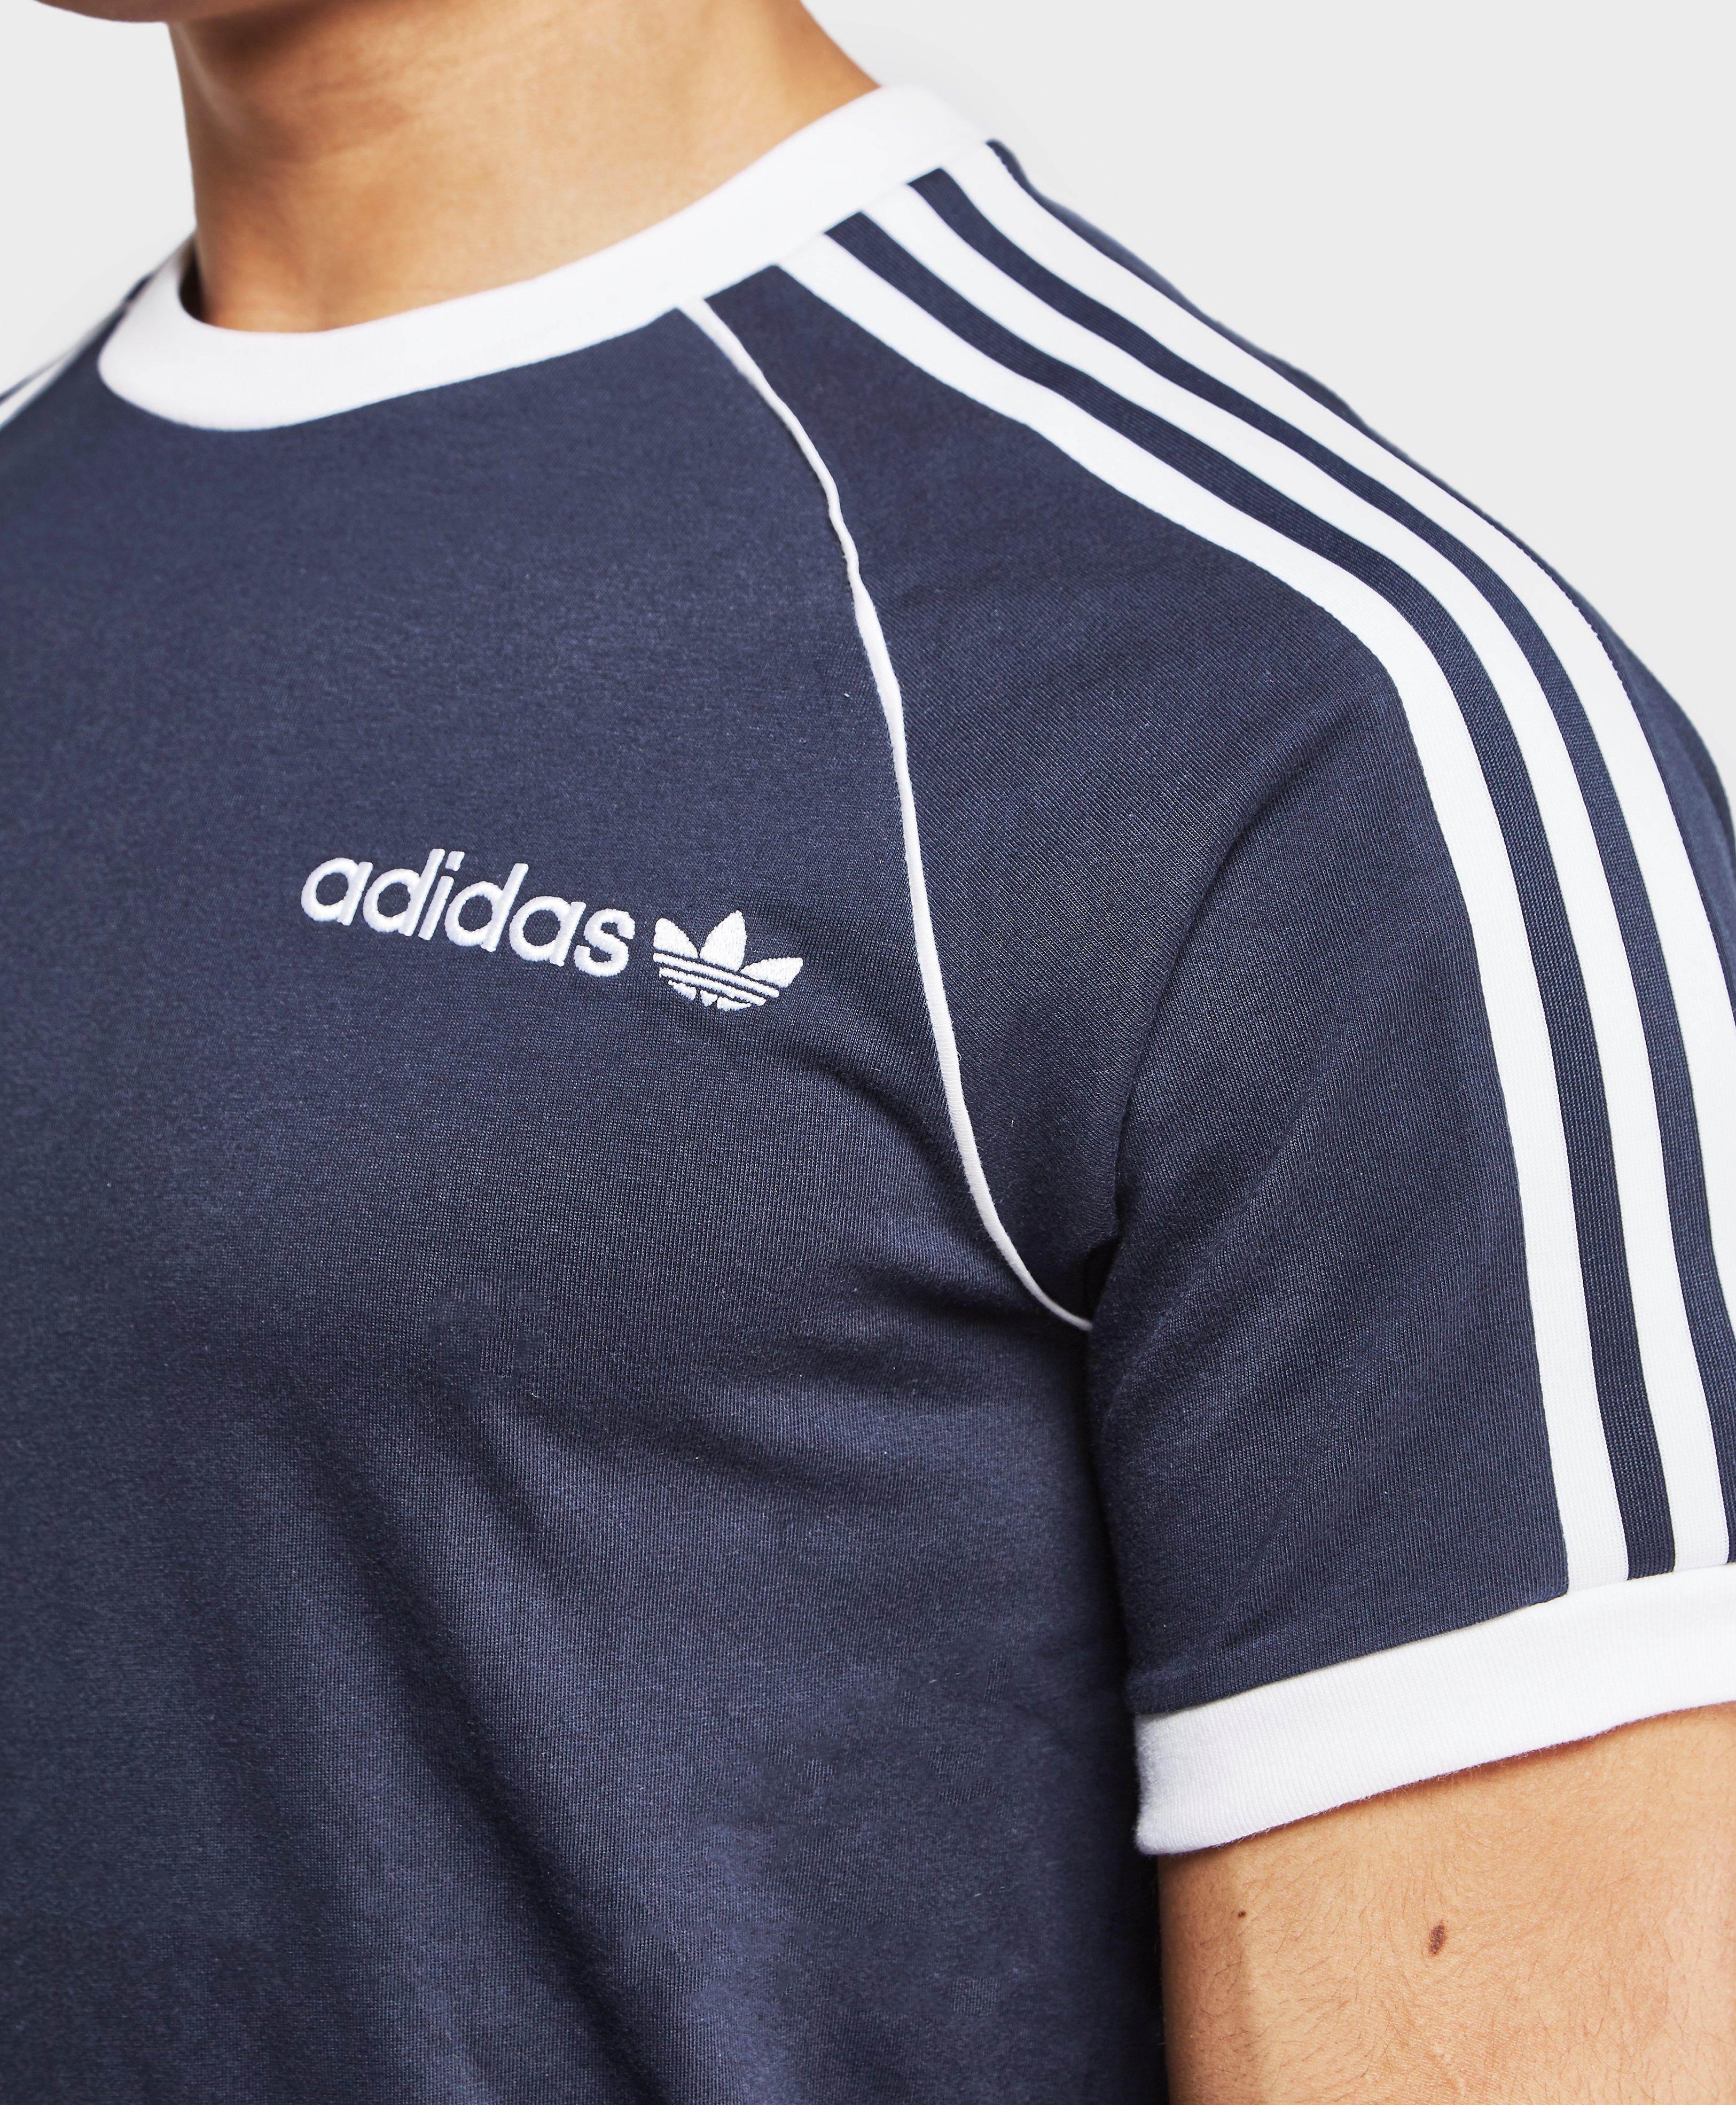 adidas 70s shirt